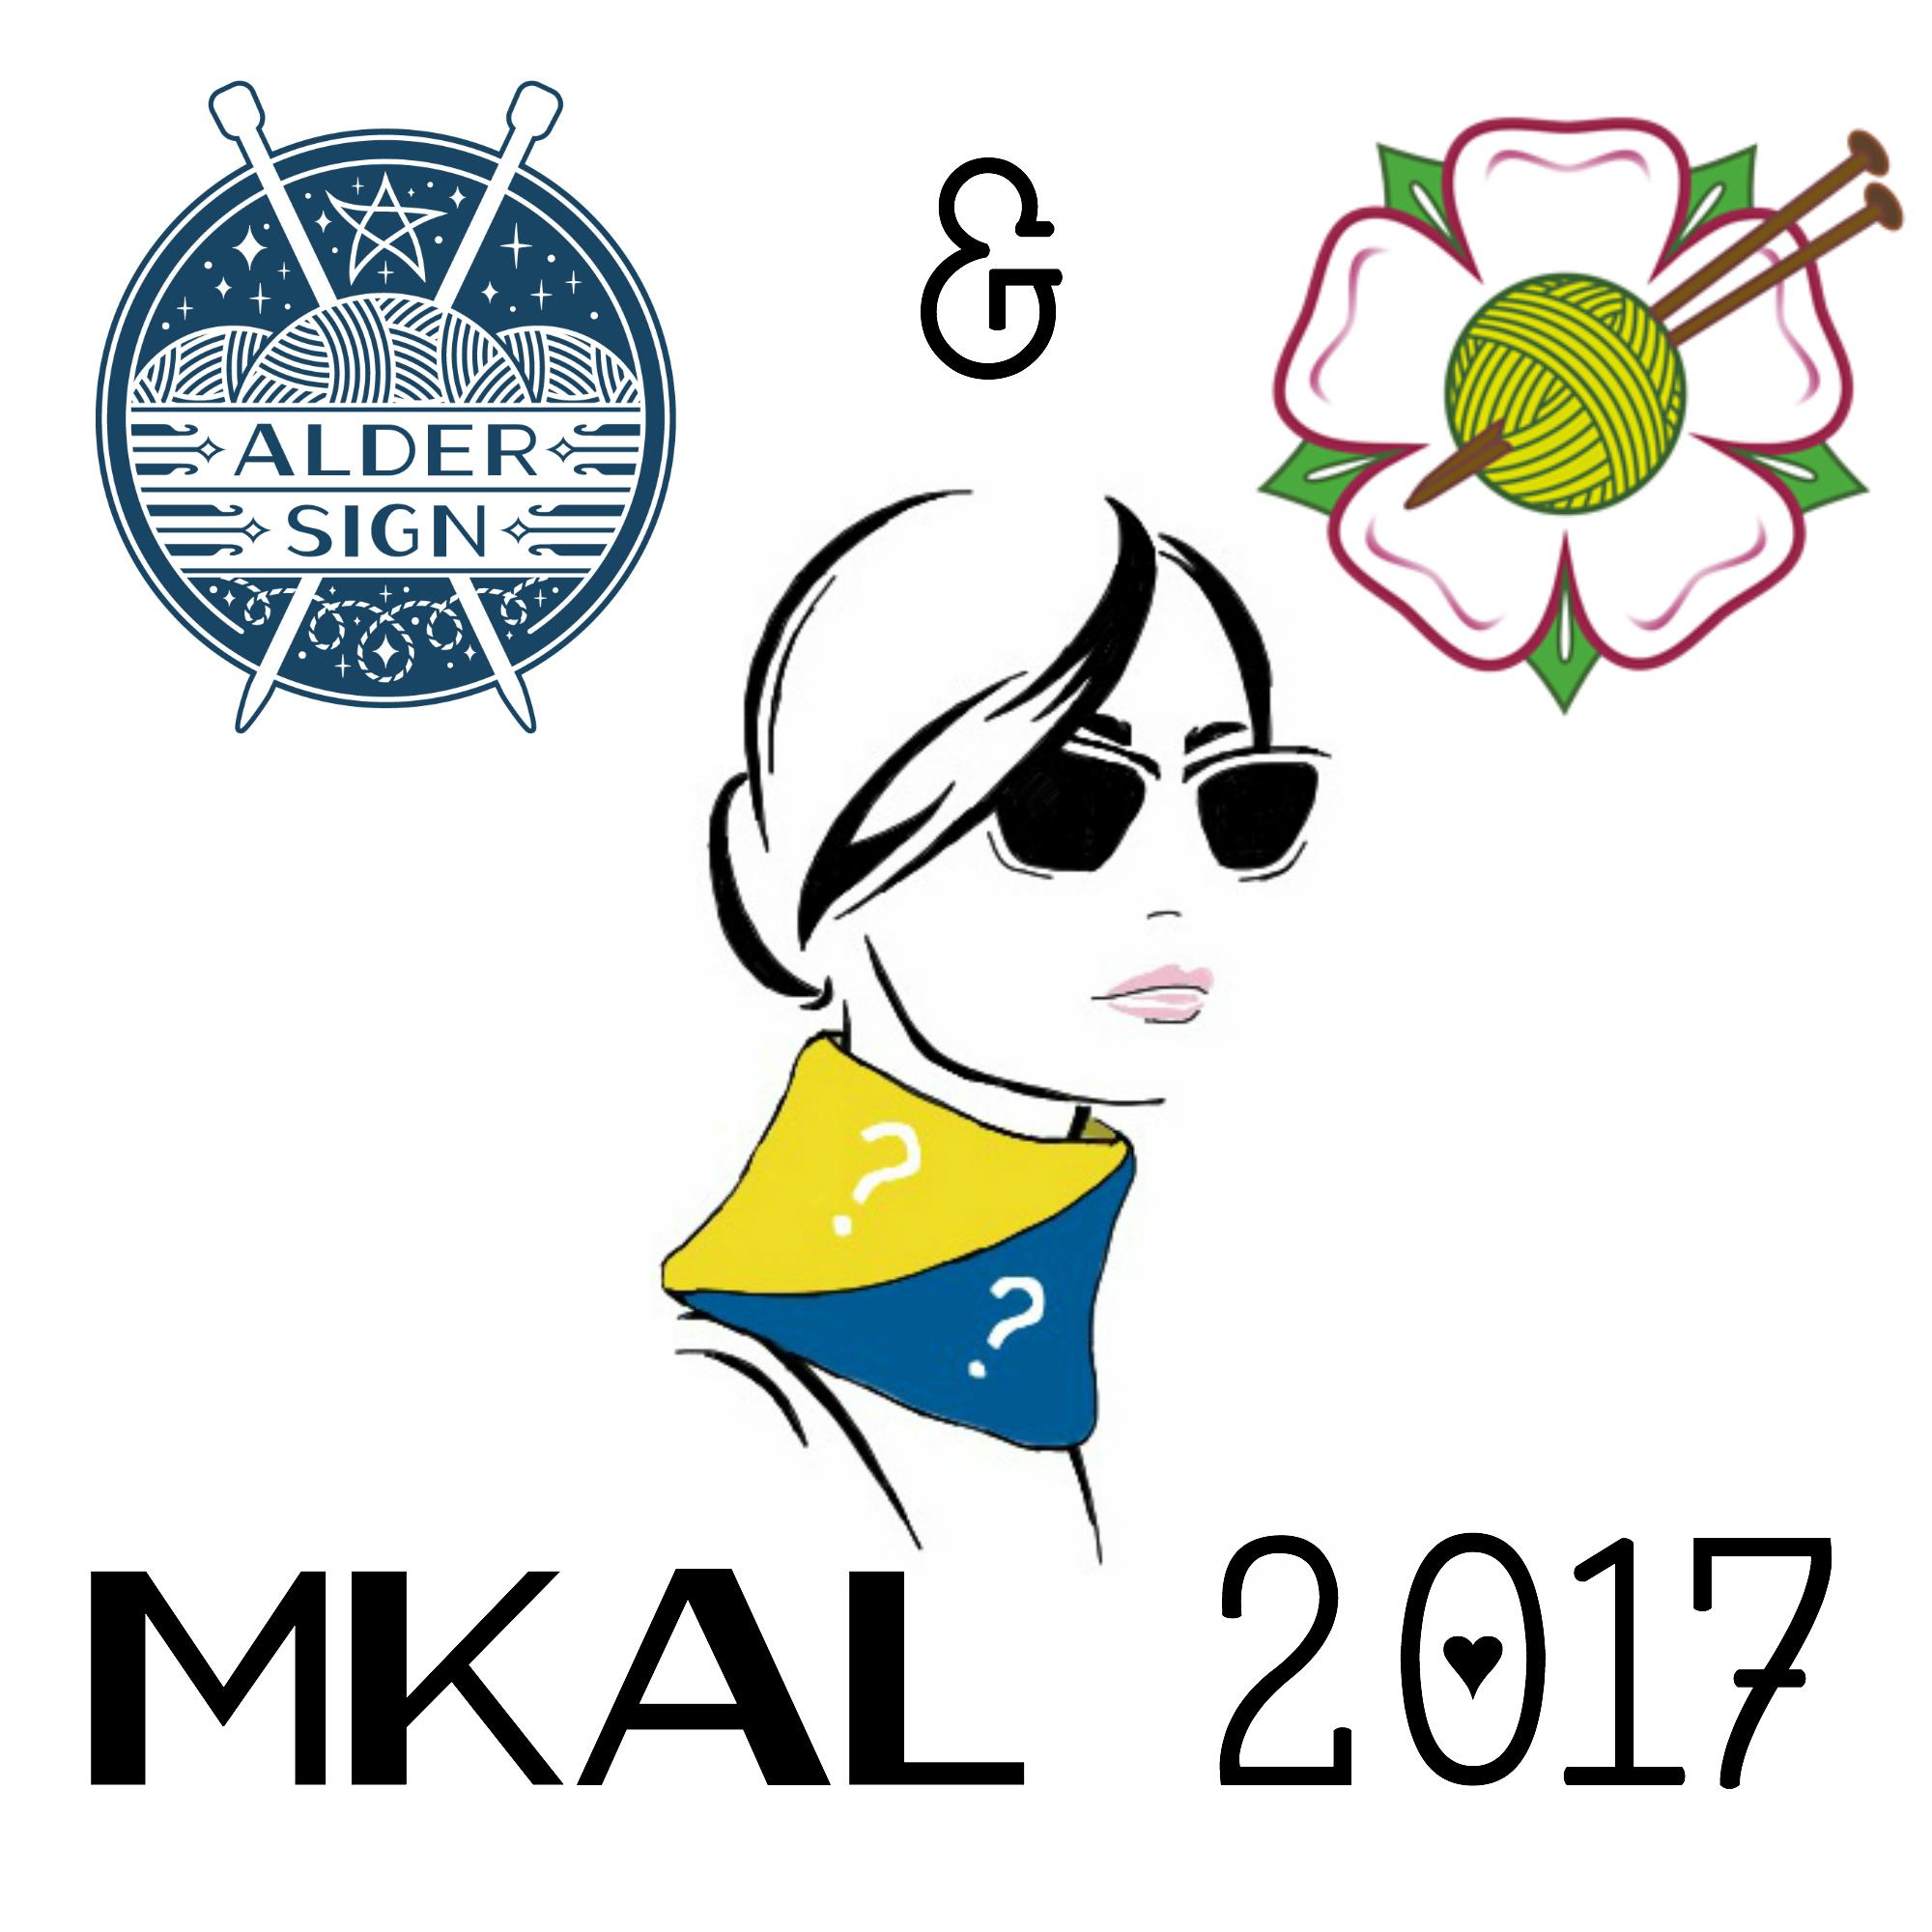 MKAL 2017 Rav pattern pic.jpg